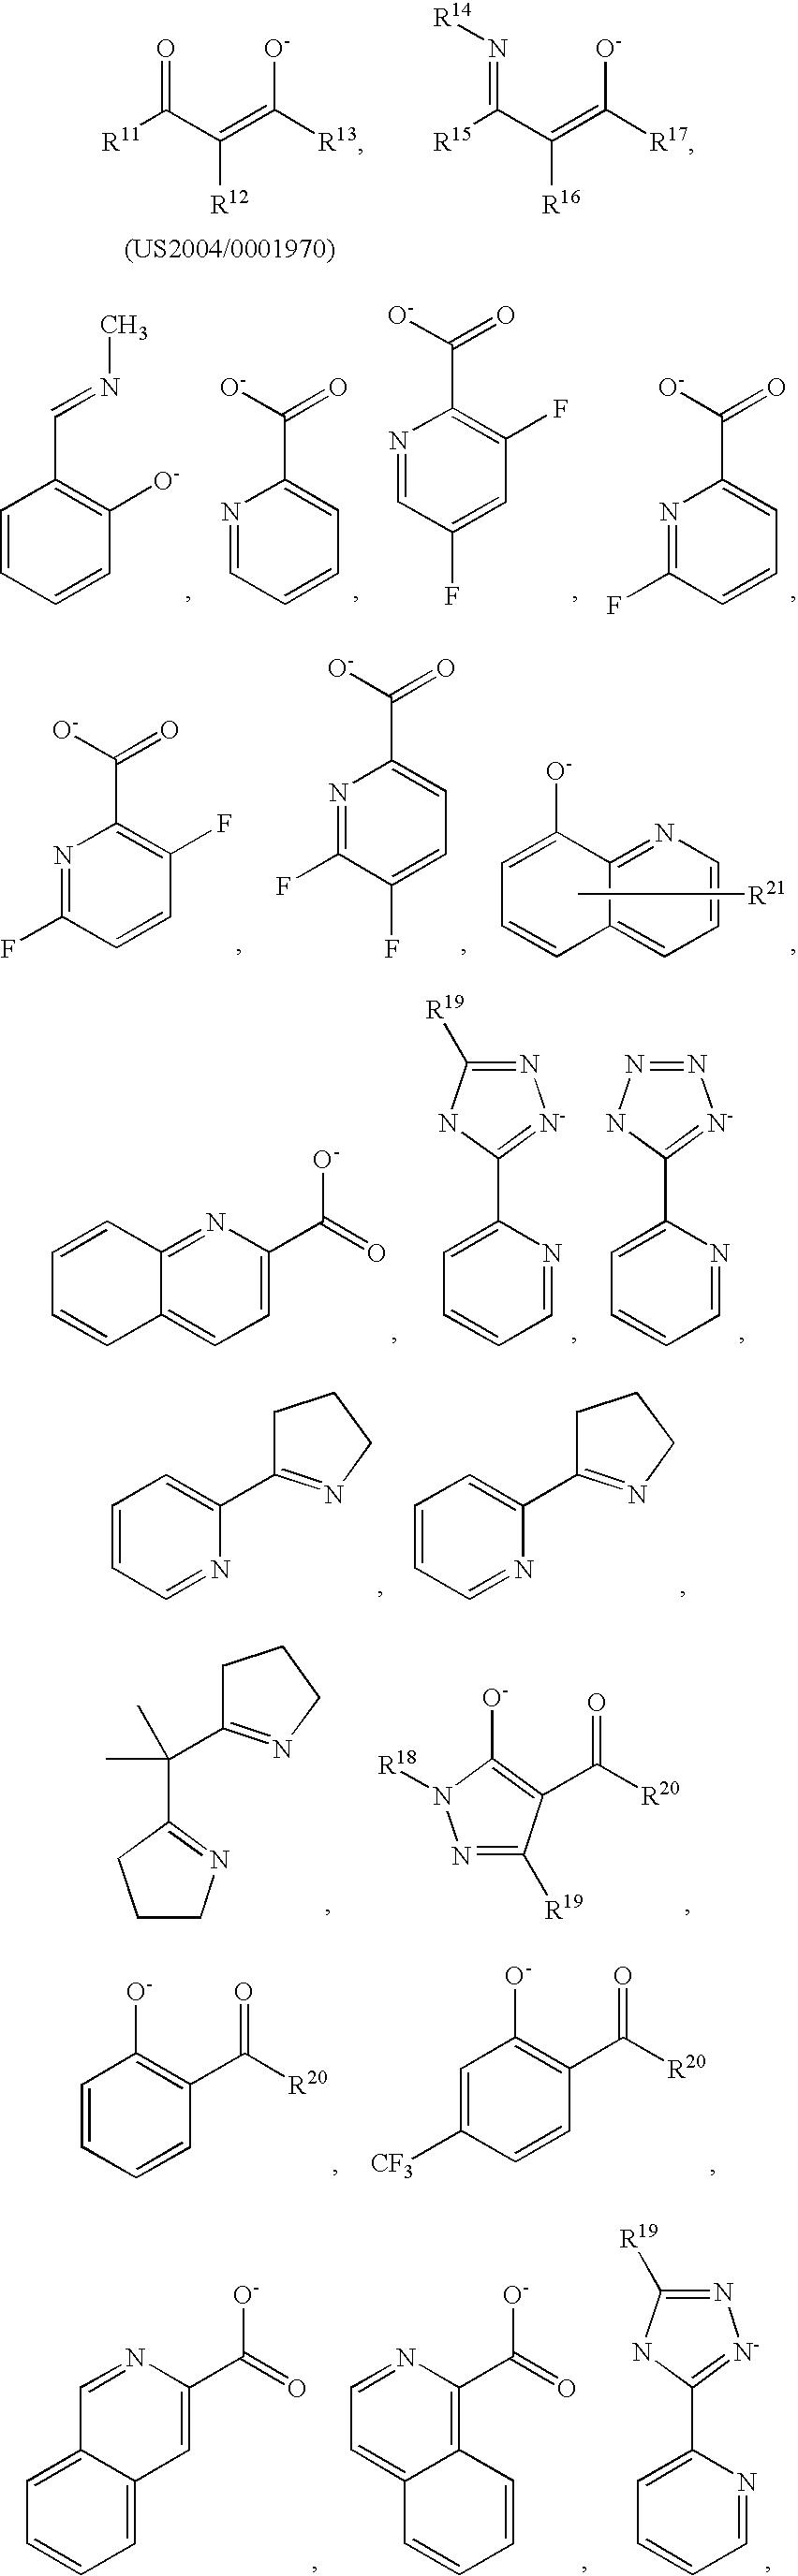 Figure US09362510-20160607-C00017